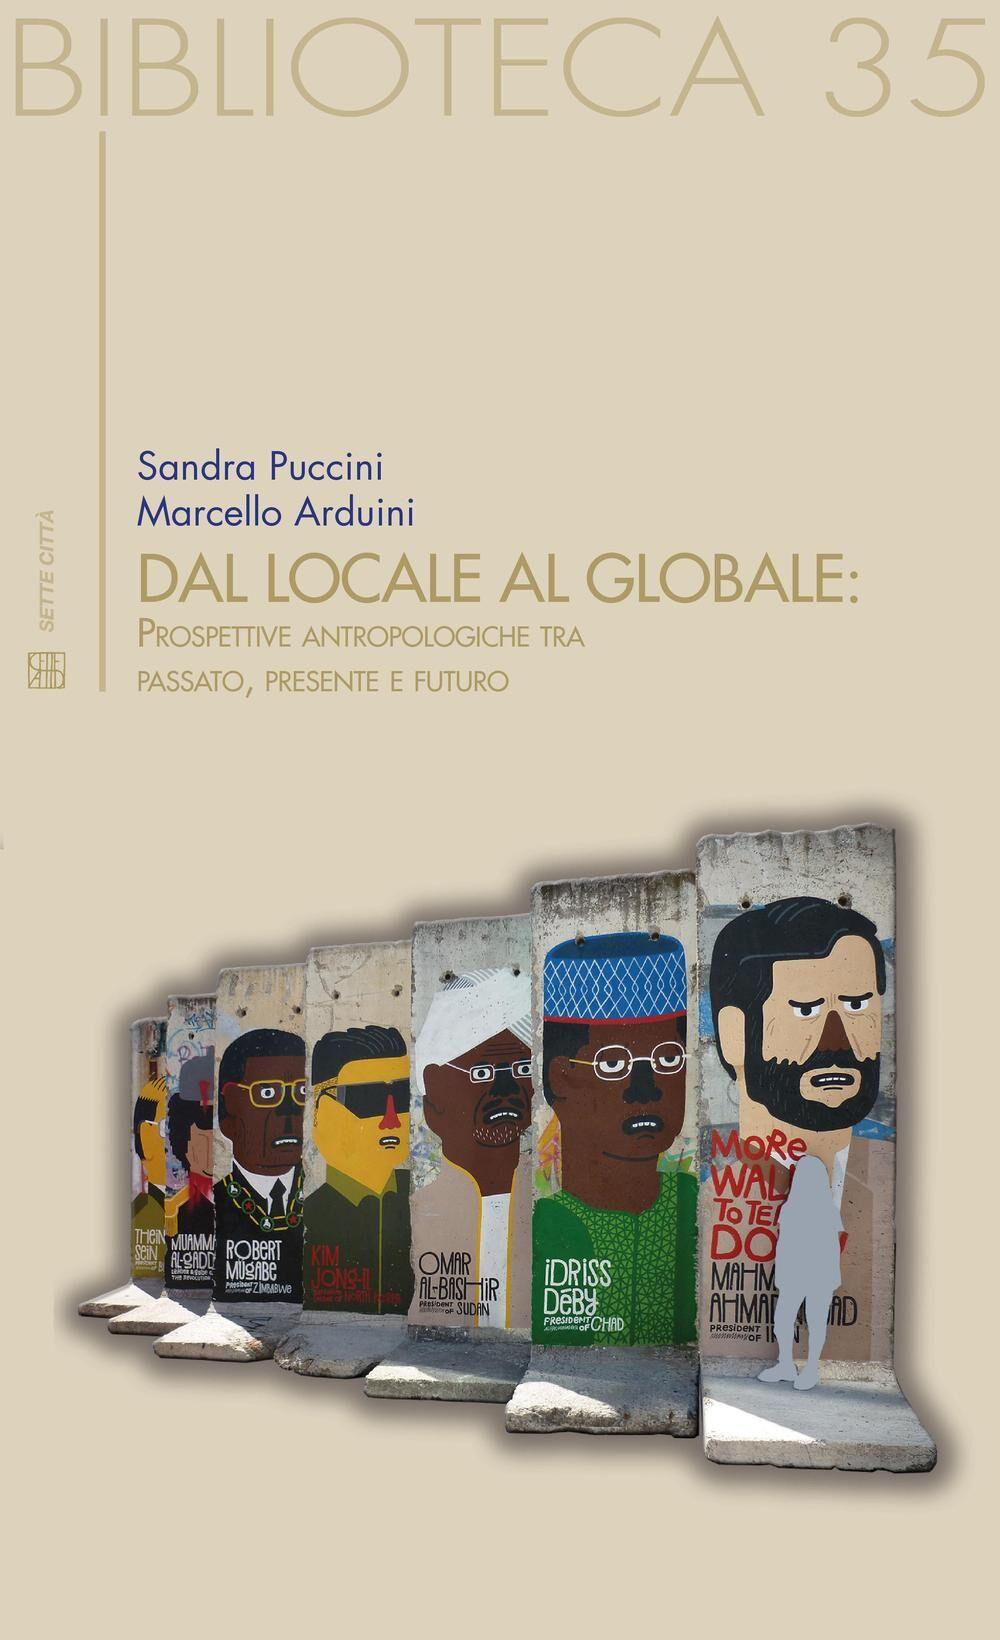 Dal locale al globale. Prospettive antropologiche tra passato, presente e futuro